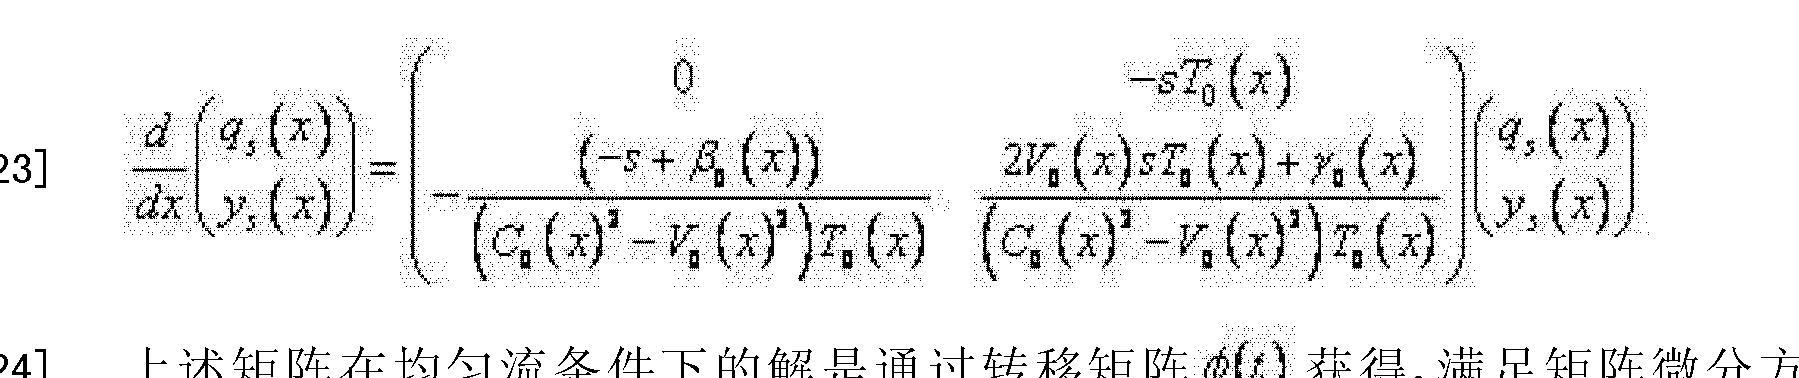 为系数矩阵,所示的矩阵微分方程的解可以通过picard